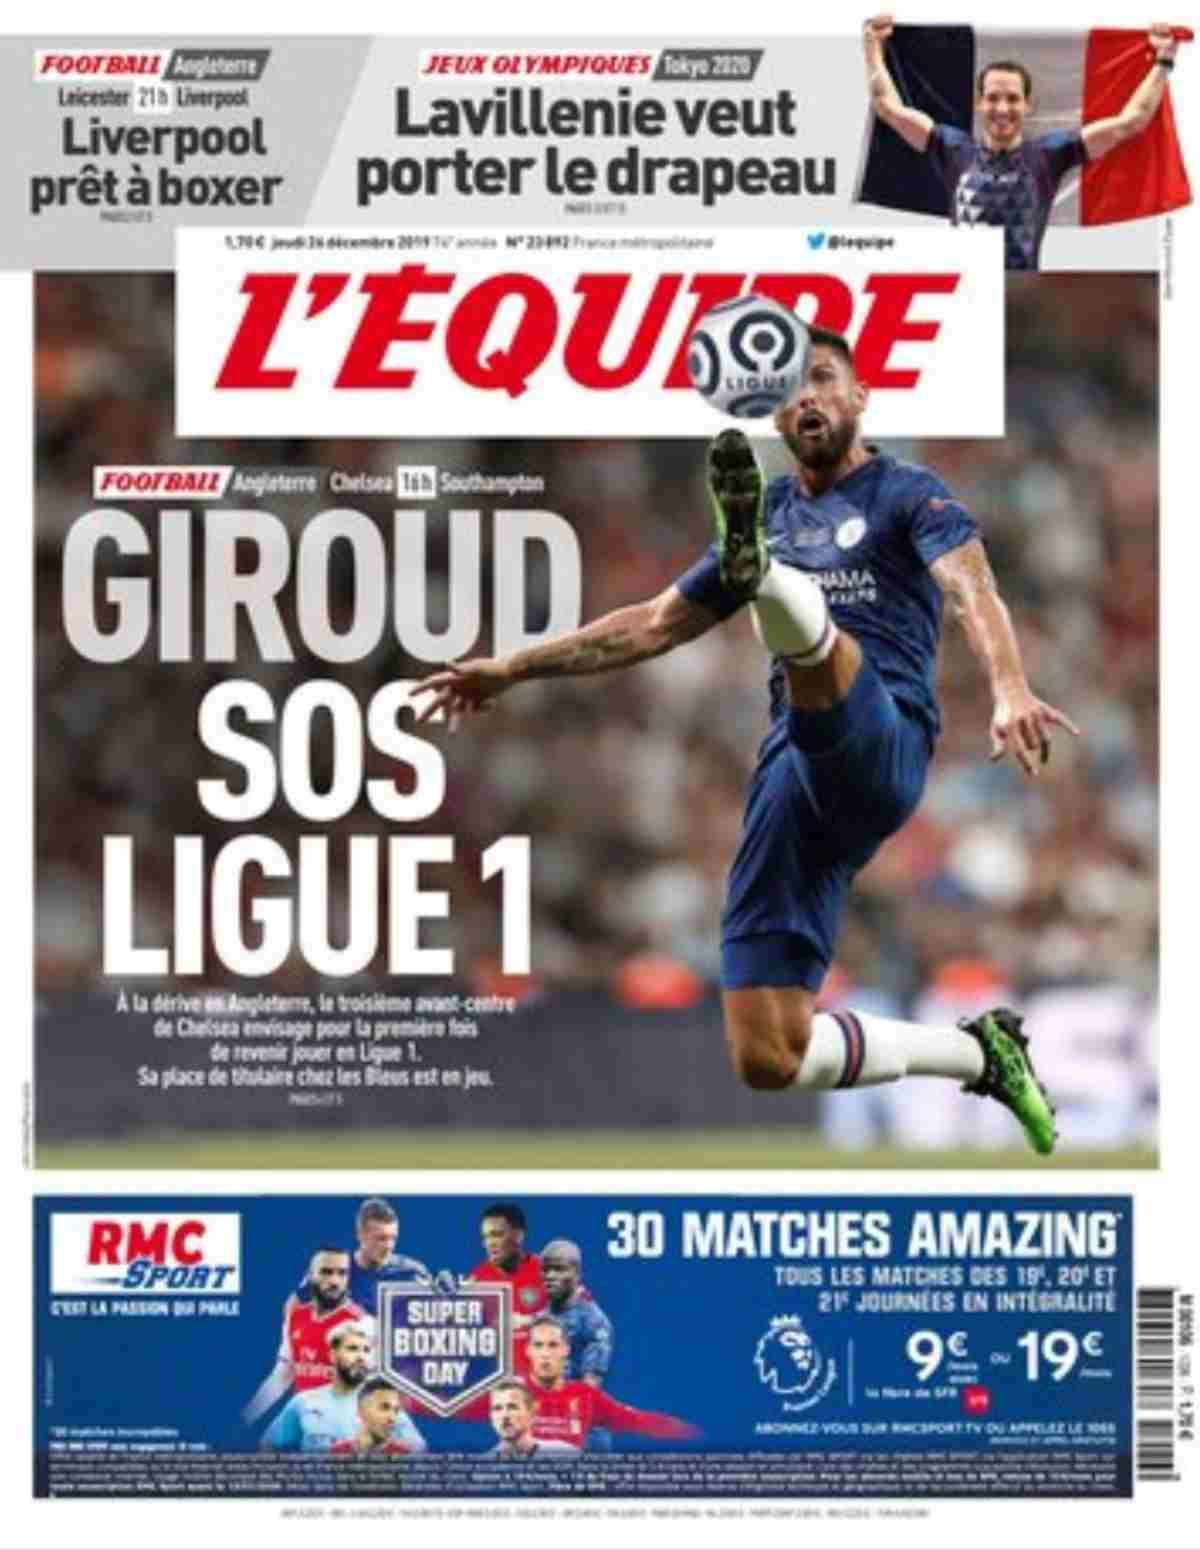 La prima pagina dell'Equipe con Giroud in copertina